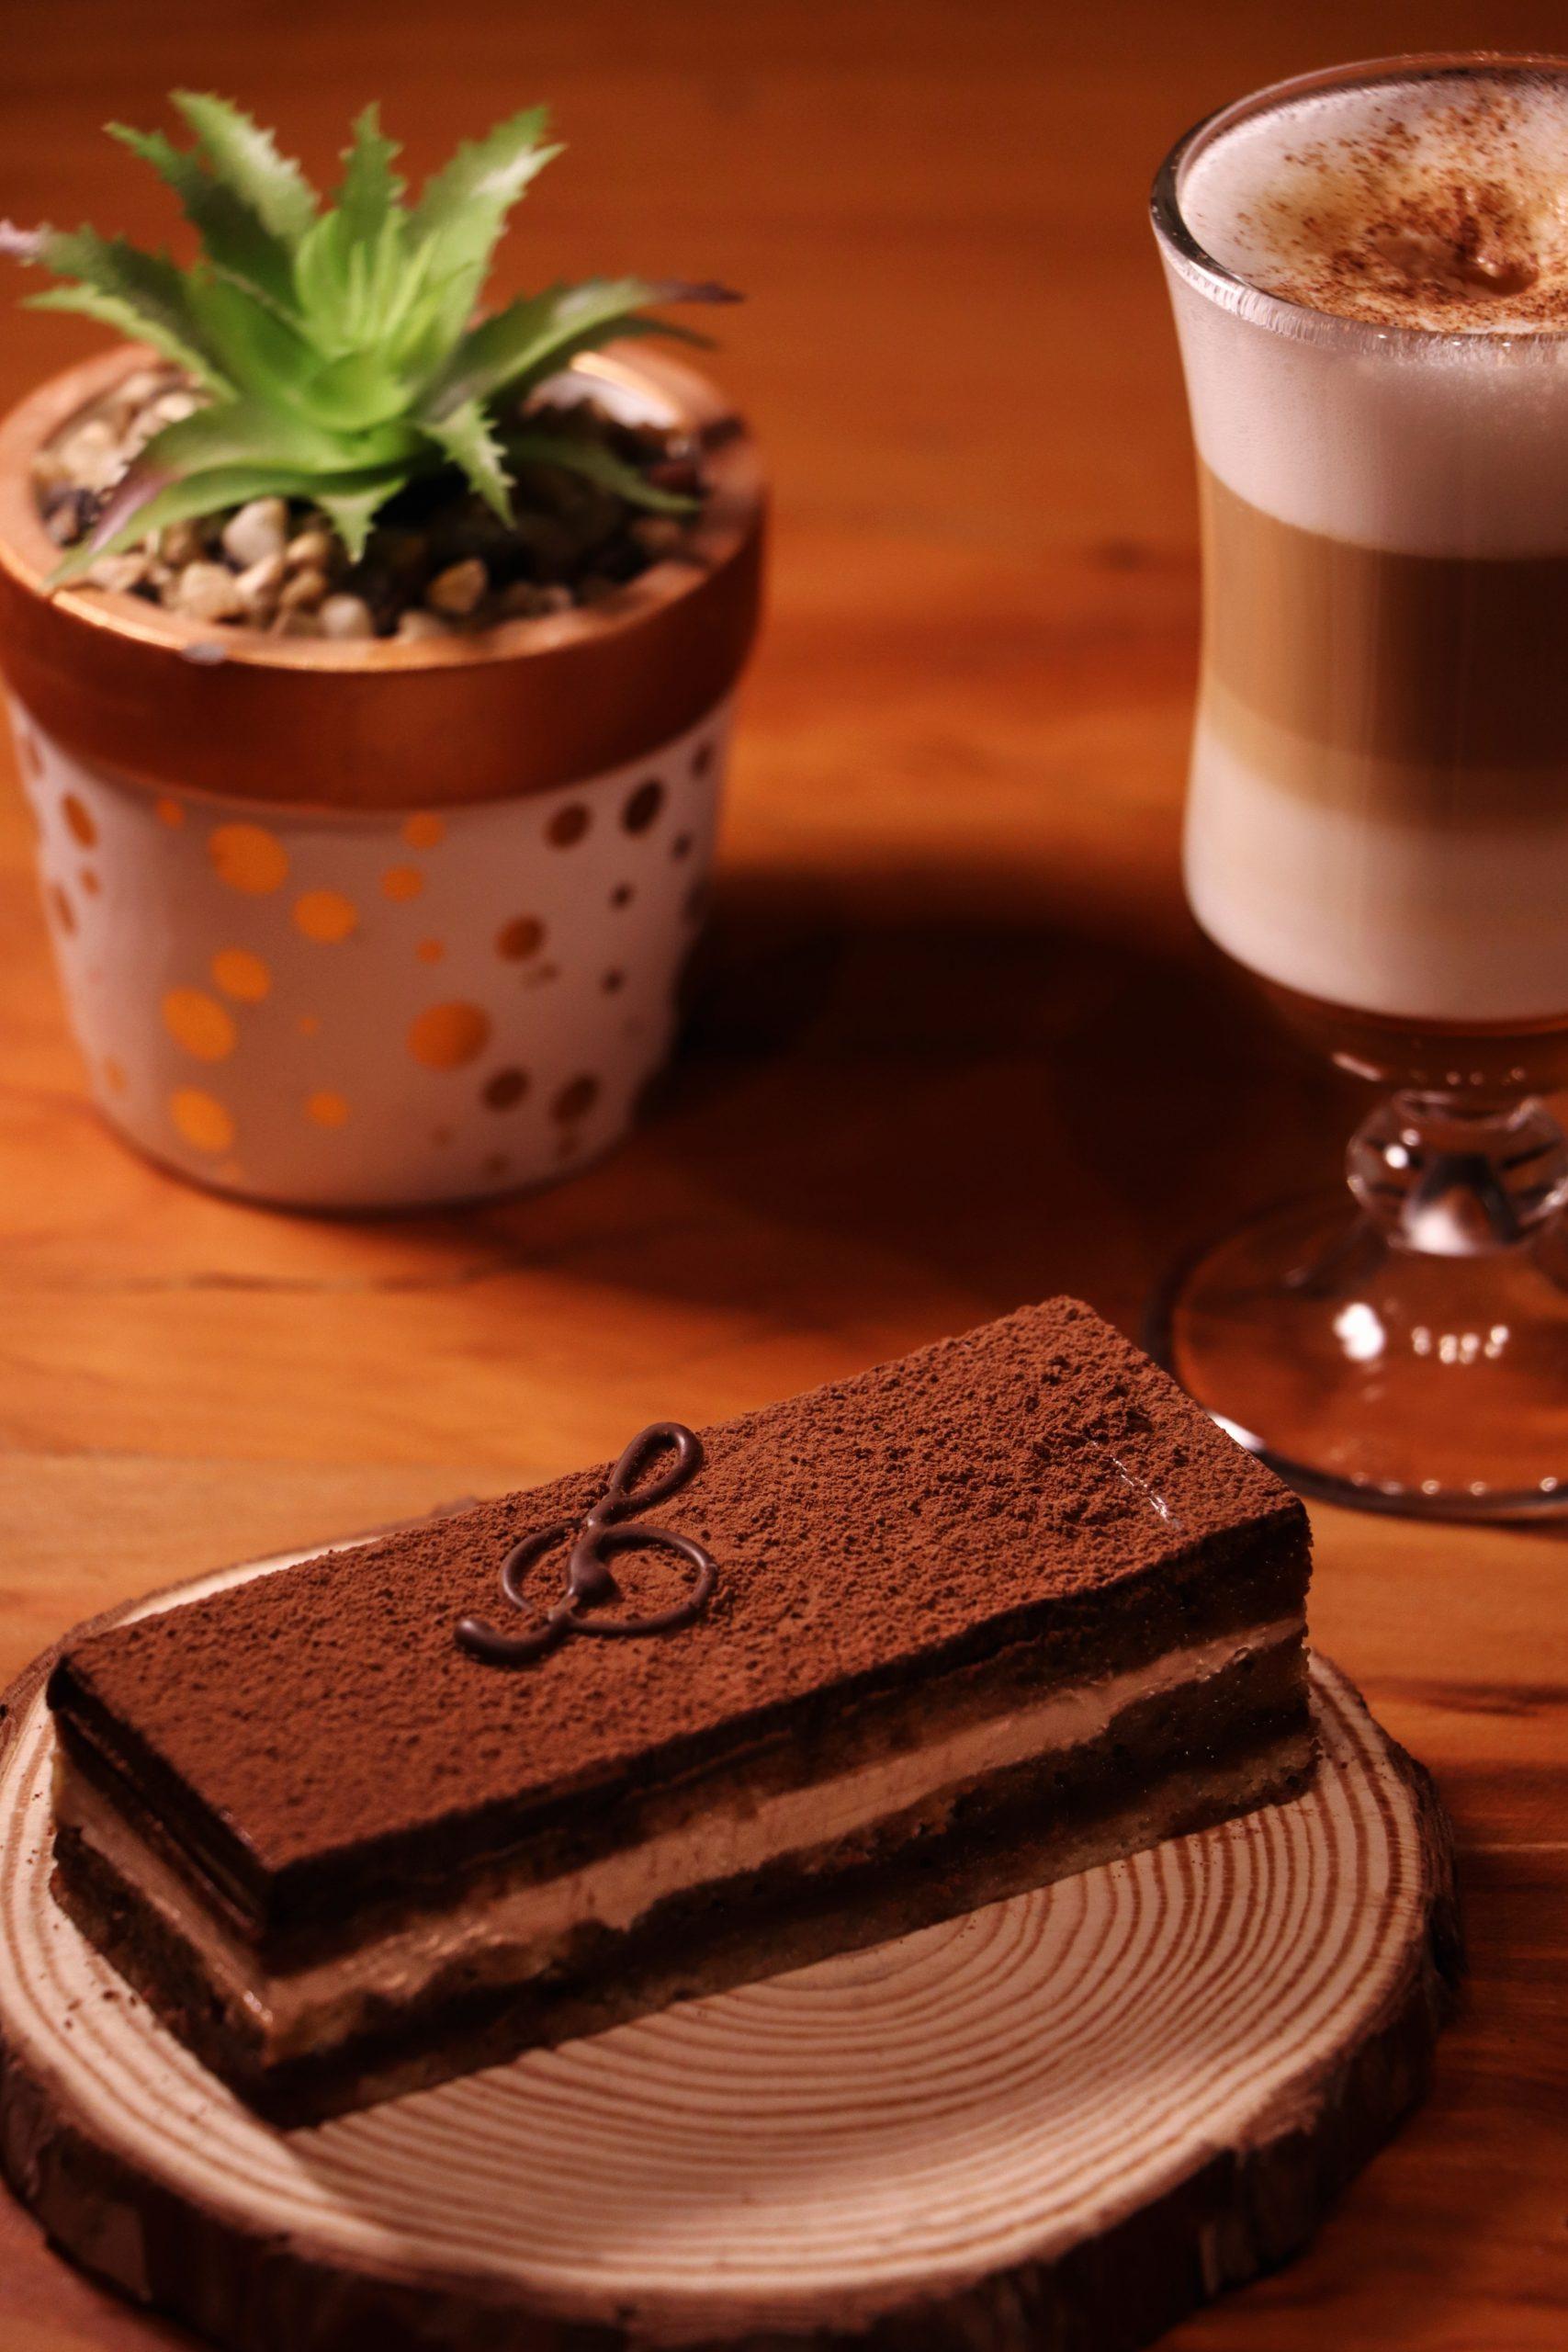 DARKCOFFEE_OPERA-DE-CAFE_CRED_DIANA-CABRAL